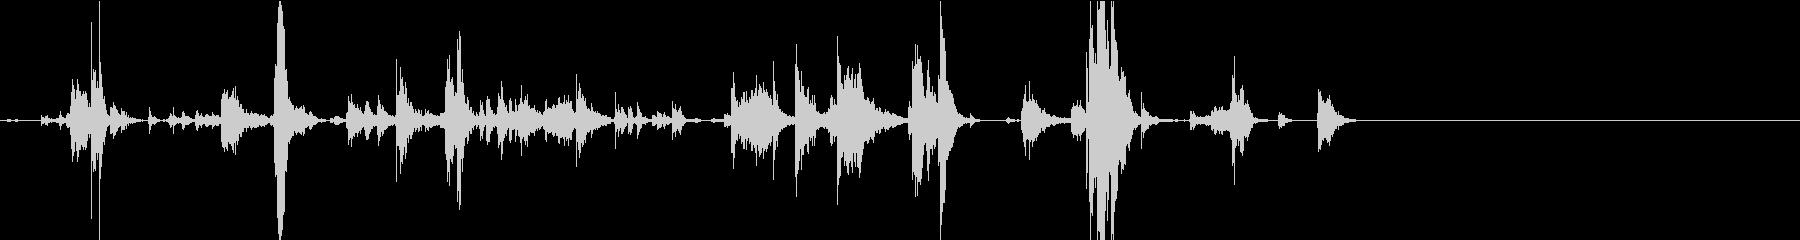 【生録音】手錠の音 7 取り外すの未再生の波形